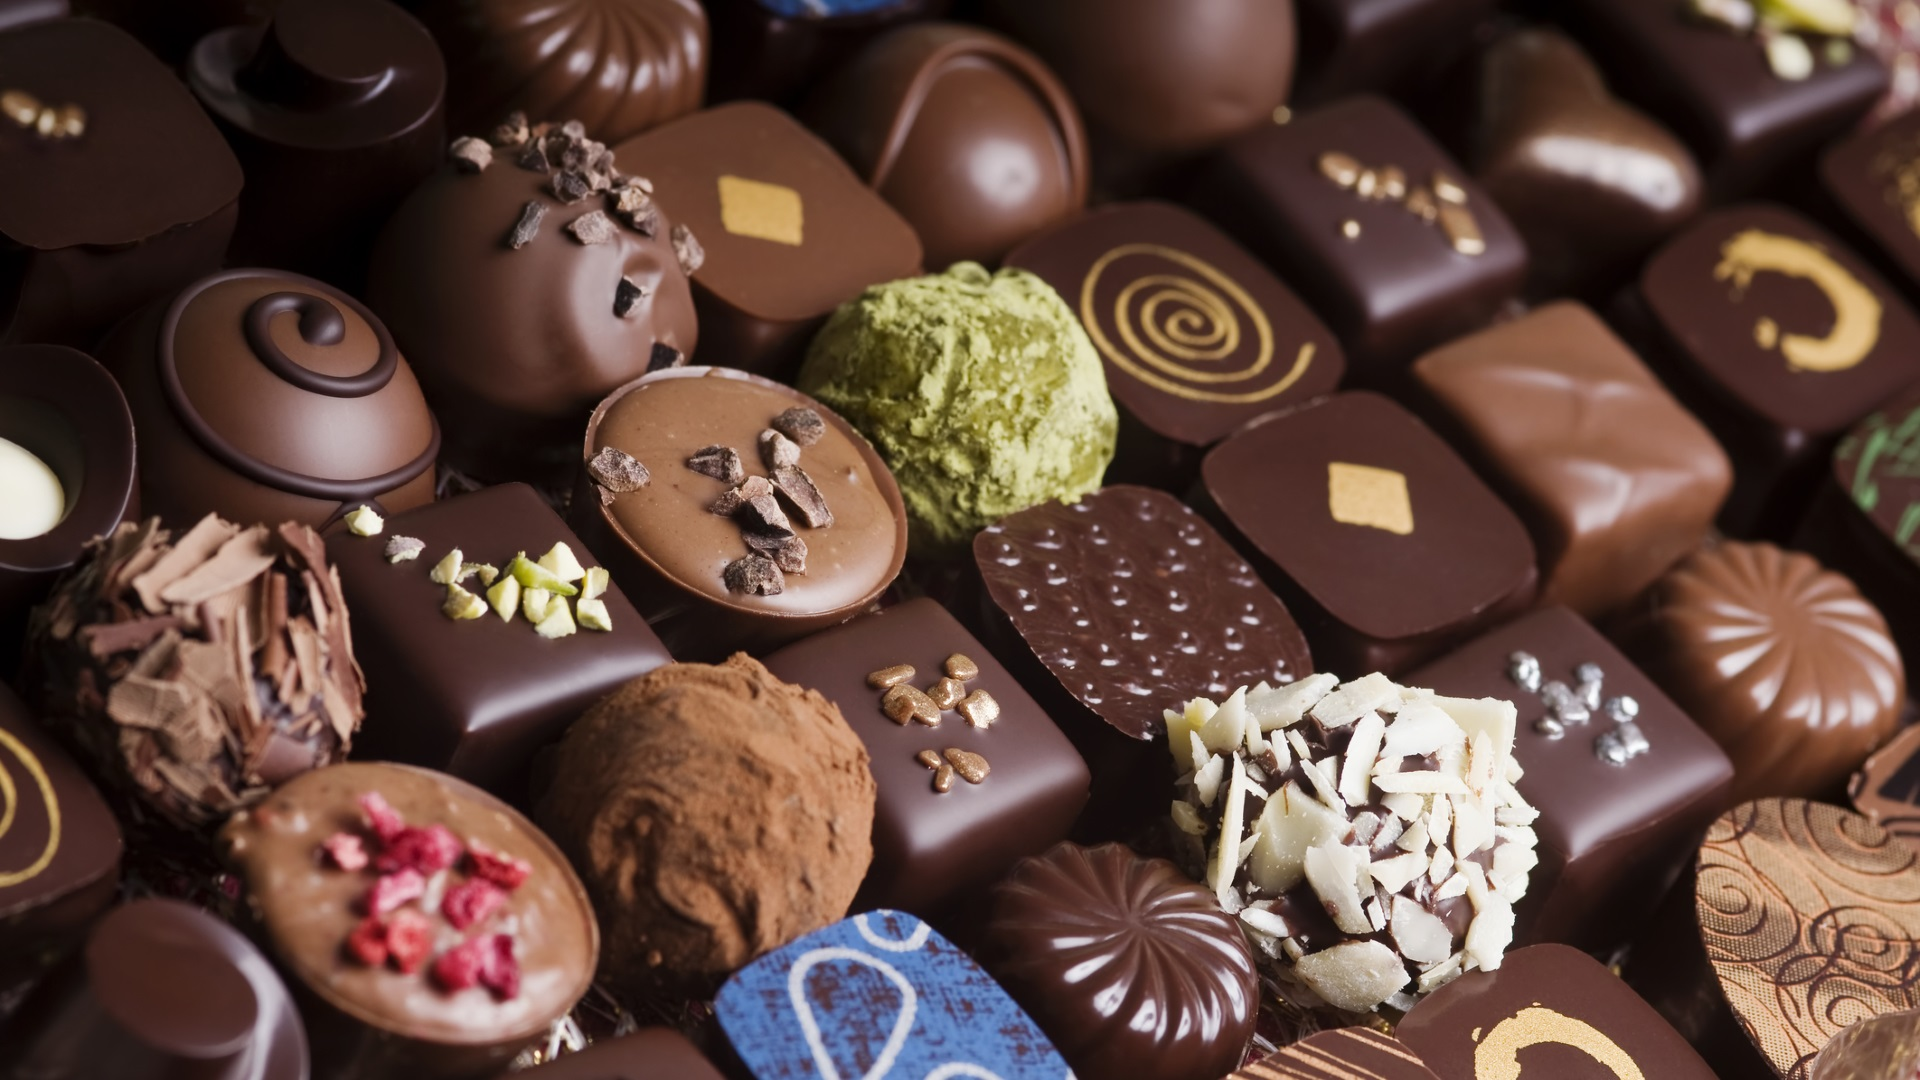 <p><strong>Шоколад</strong></p>  <p>Какаовото дърво е особено податливо на пестициди и гъбични заболявания като &bdquo;метла на вещица&rdquo;, което унищожи през 90-те години 80% от производството на какао в Бразилия. Учените се опасяват, че тези инфекции могат да доведат шоколада до изчезване поради ограничените генетични вариации на растението. Изменението на климата и сушата също представляват сериозна заплаха за ценното ни какао.</p>